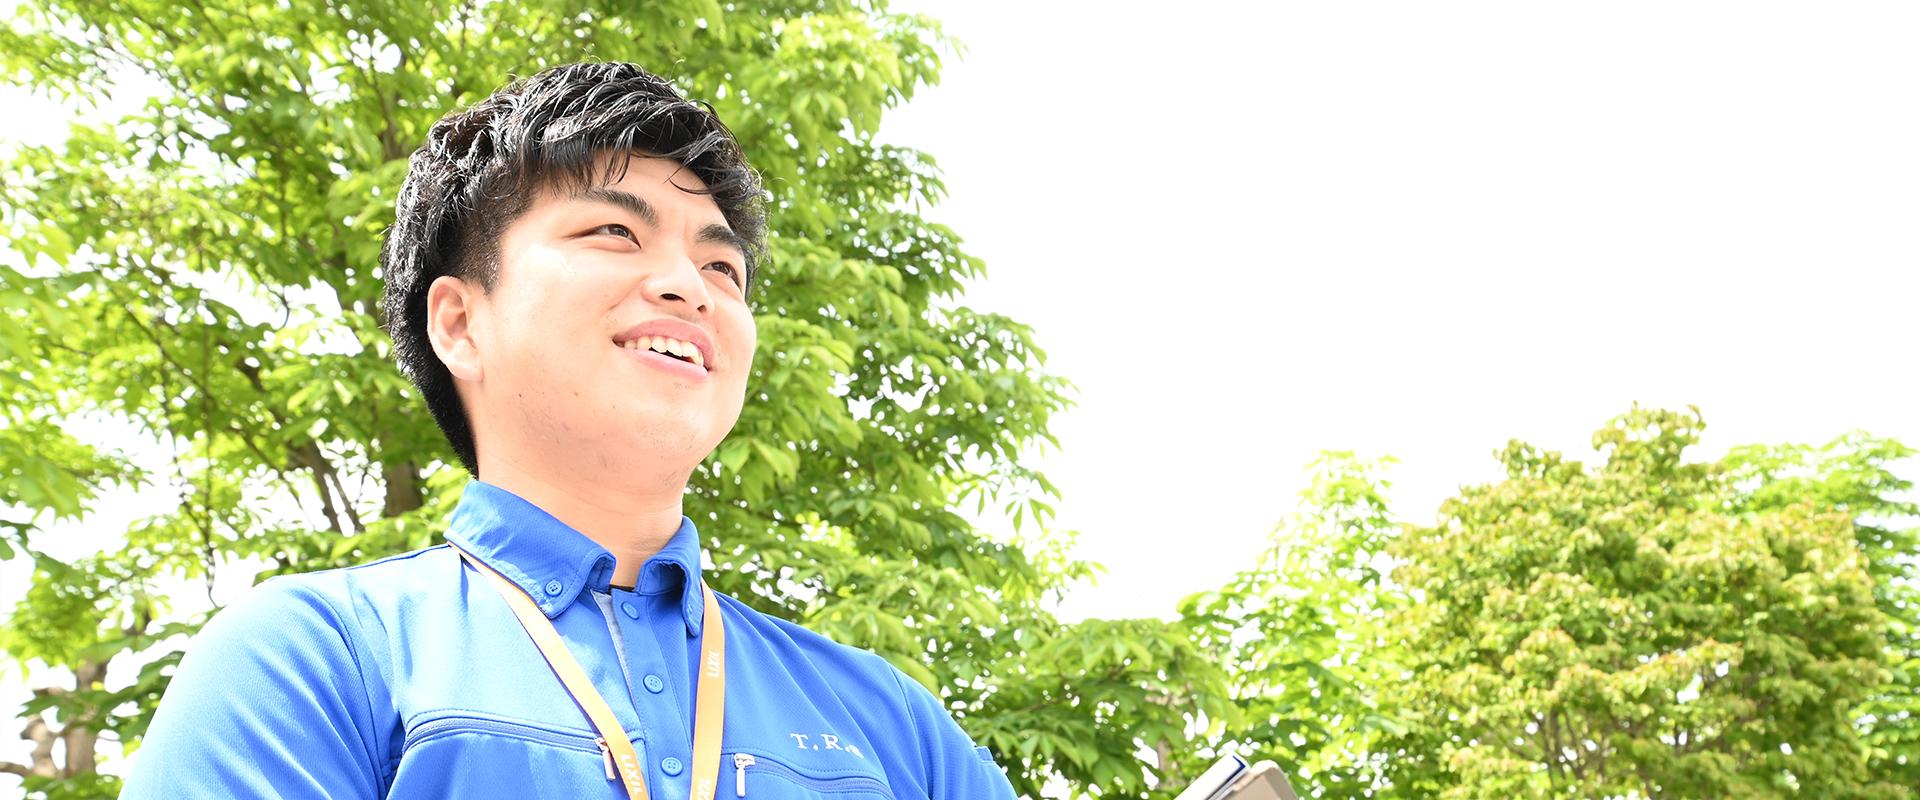 日本の未来の環境を考える会社